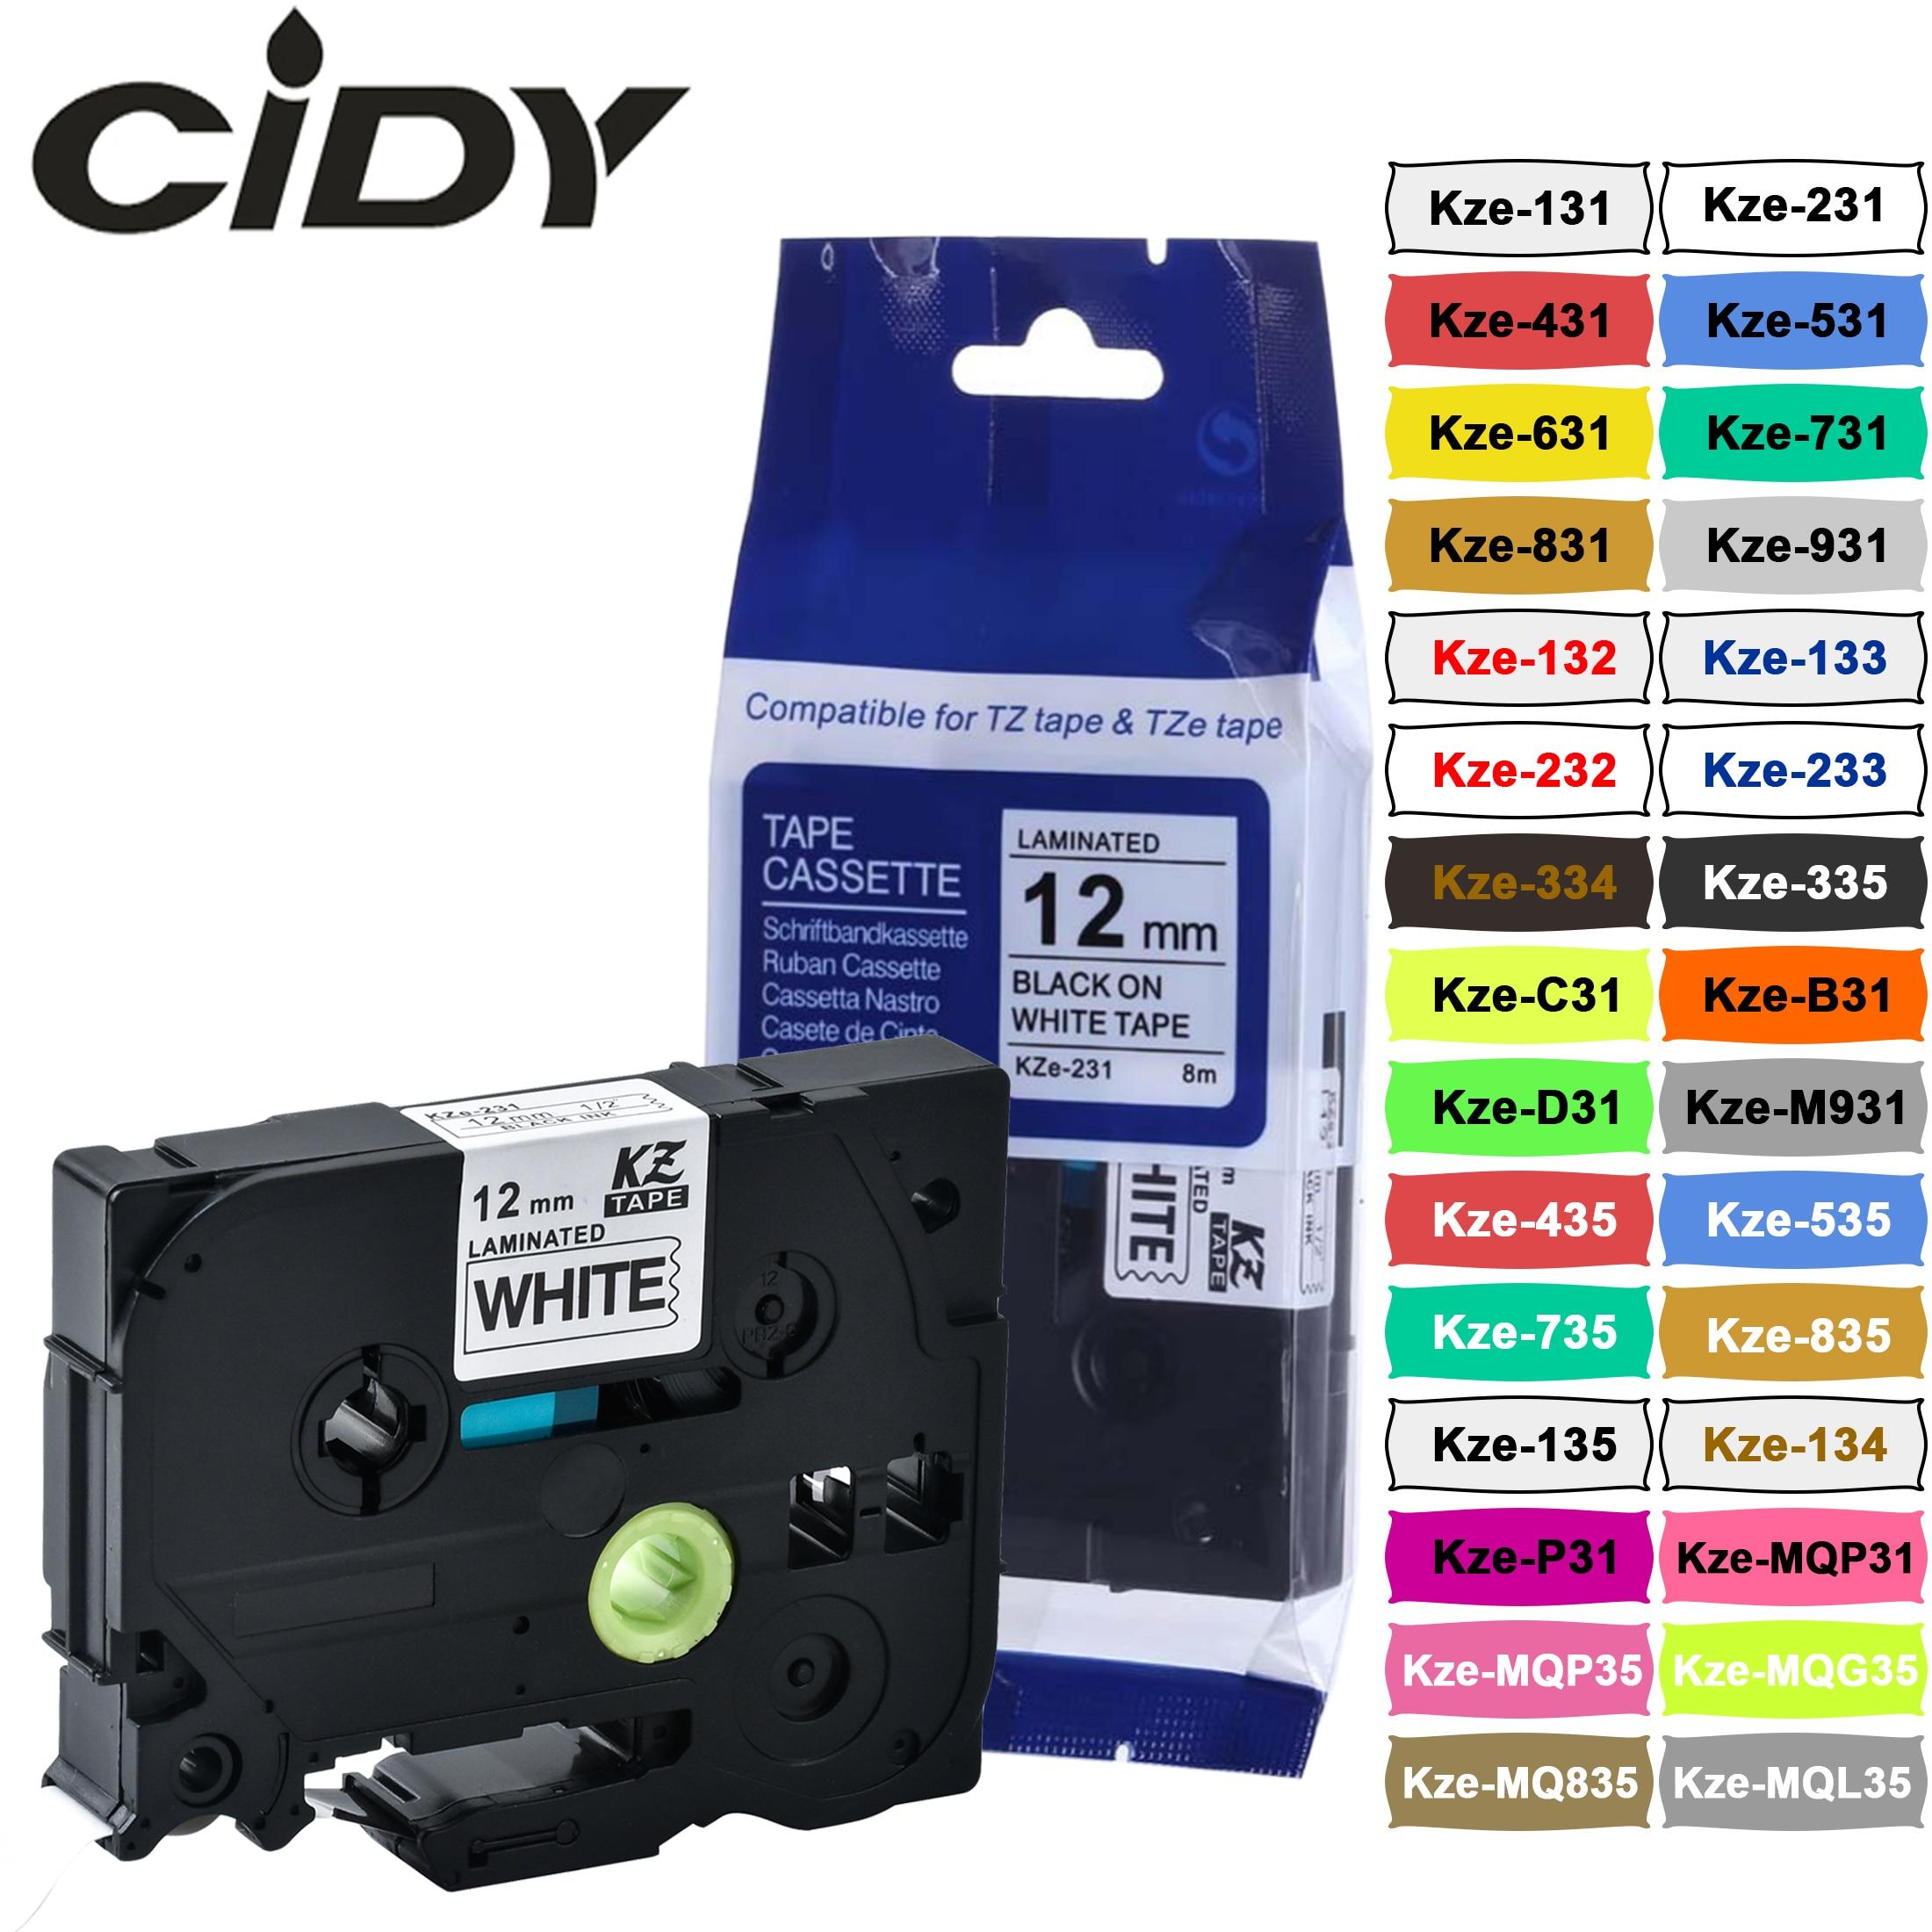 Ламинированная клейкая лента CIDY TZ231 TZ 231 TZe 231, TZ-231 клейкая лента для этикеток P Touch, черная и белая, совместима с Brother tze-231, 631 title=